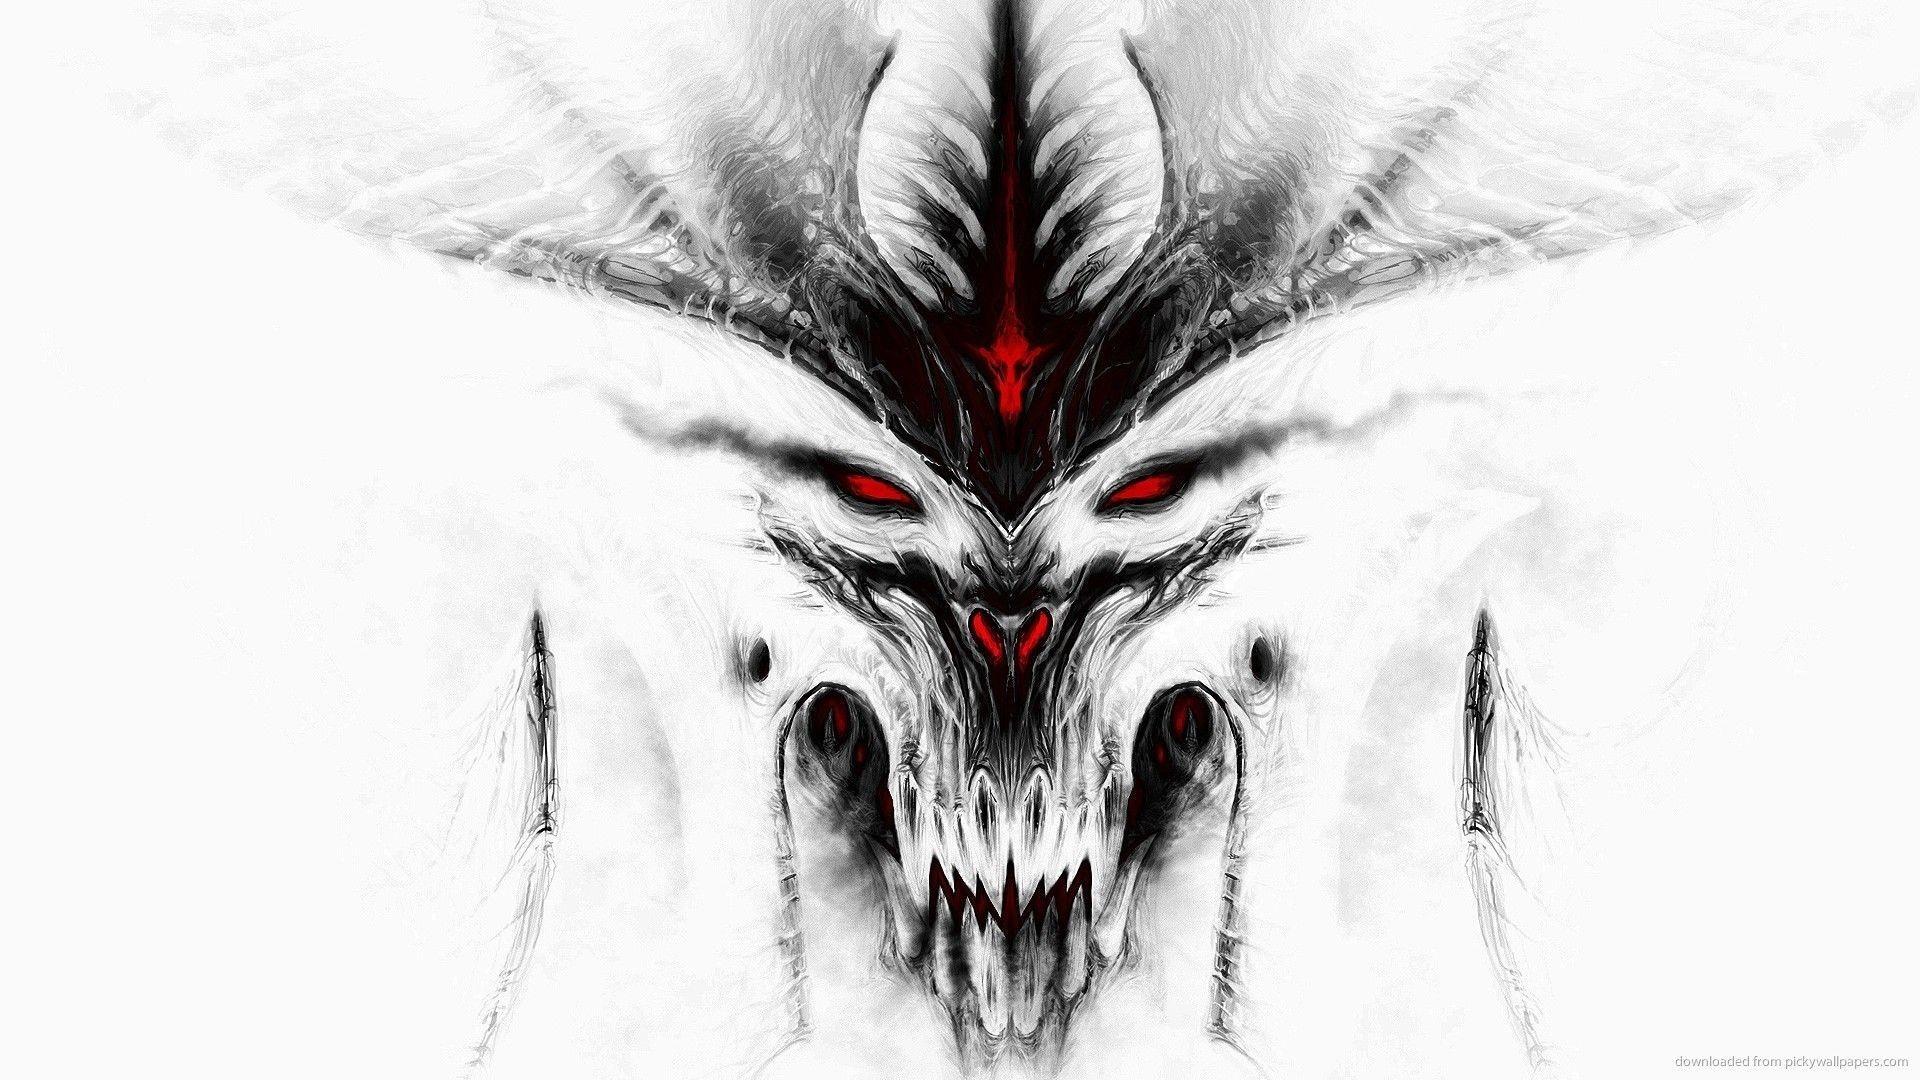 Res: 1920x1080, HD Diablo 3 White Wallpaper